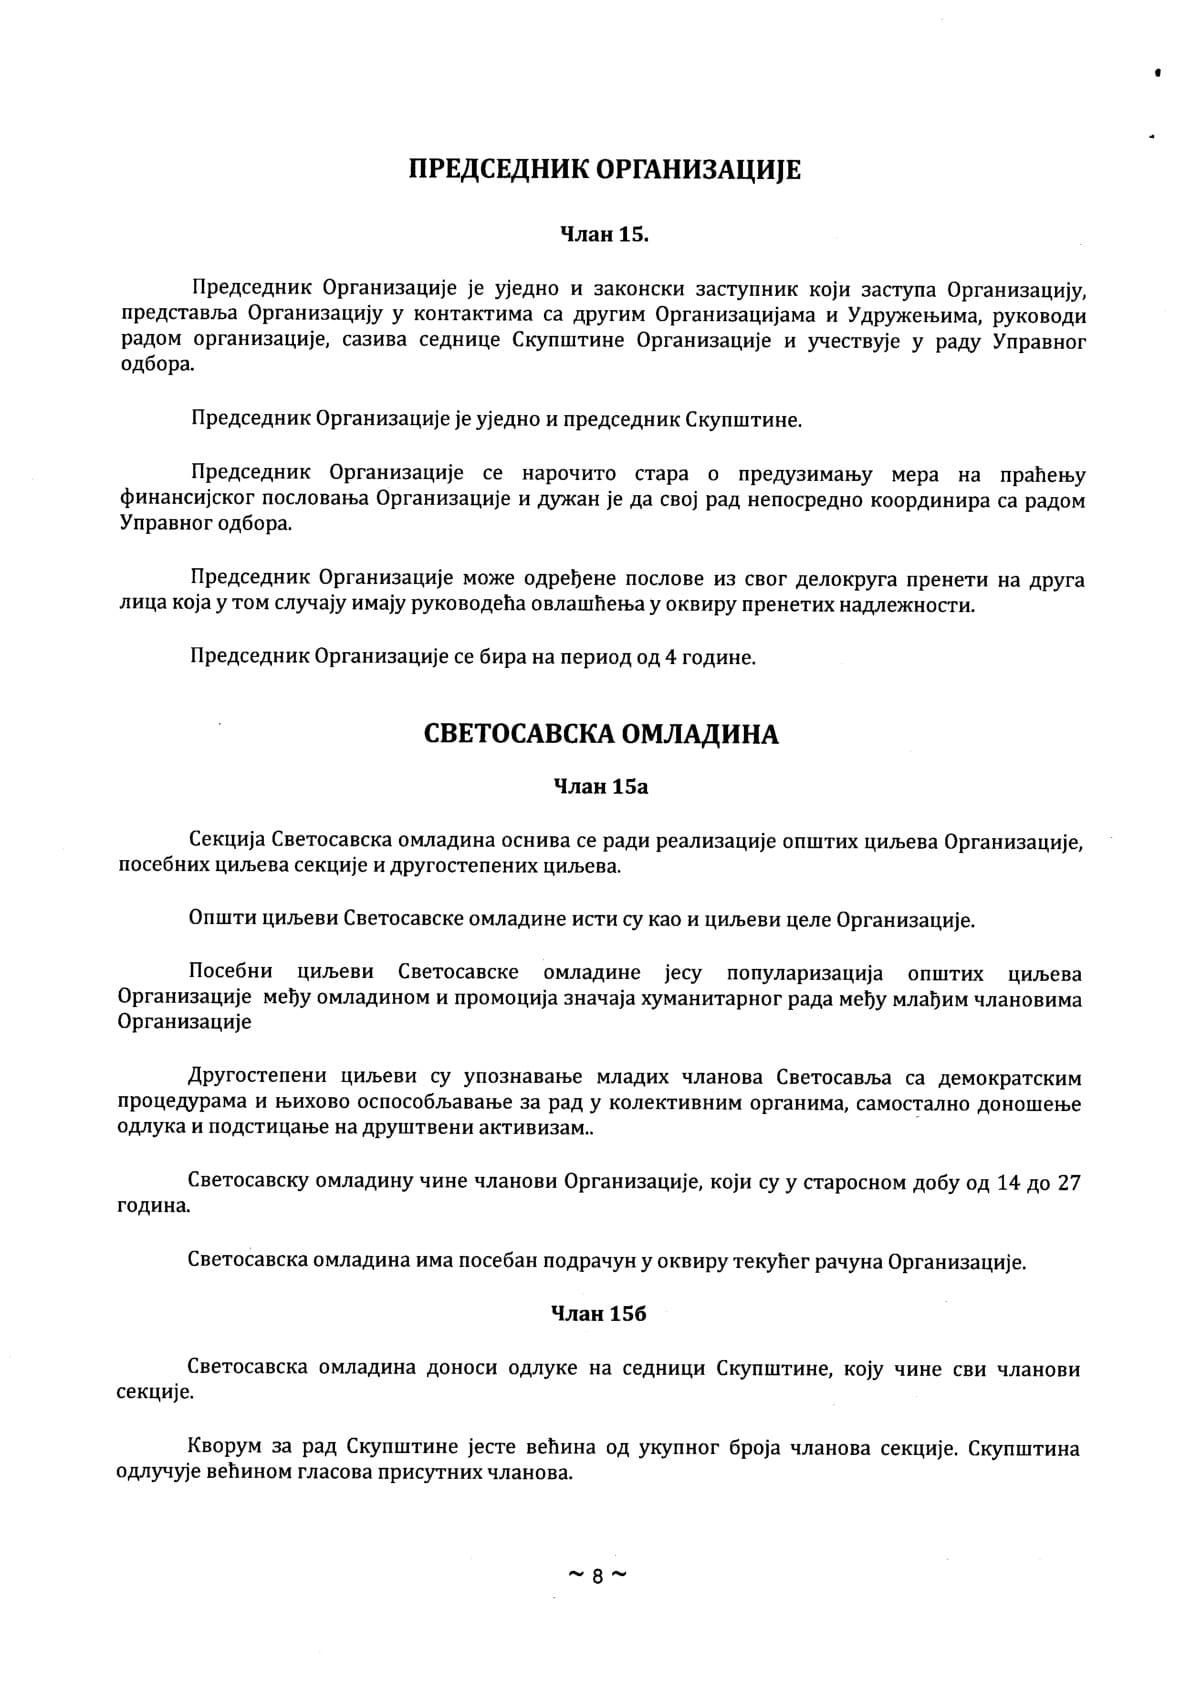 Statut Svetosavlja Januar 2018 7